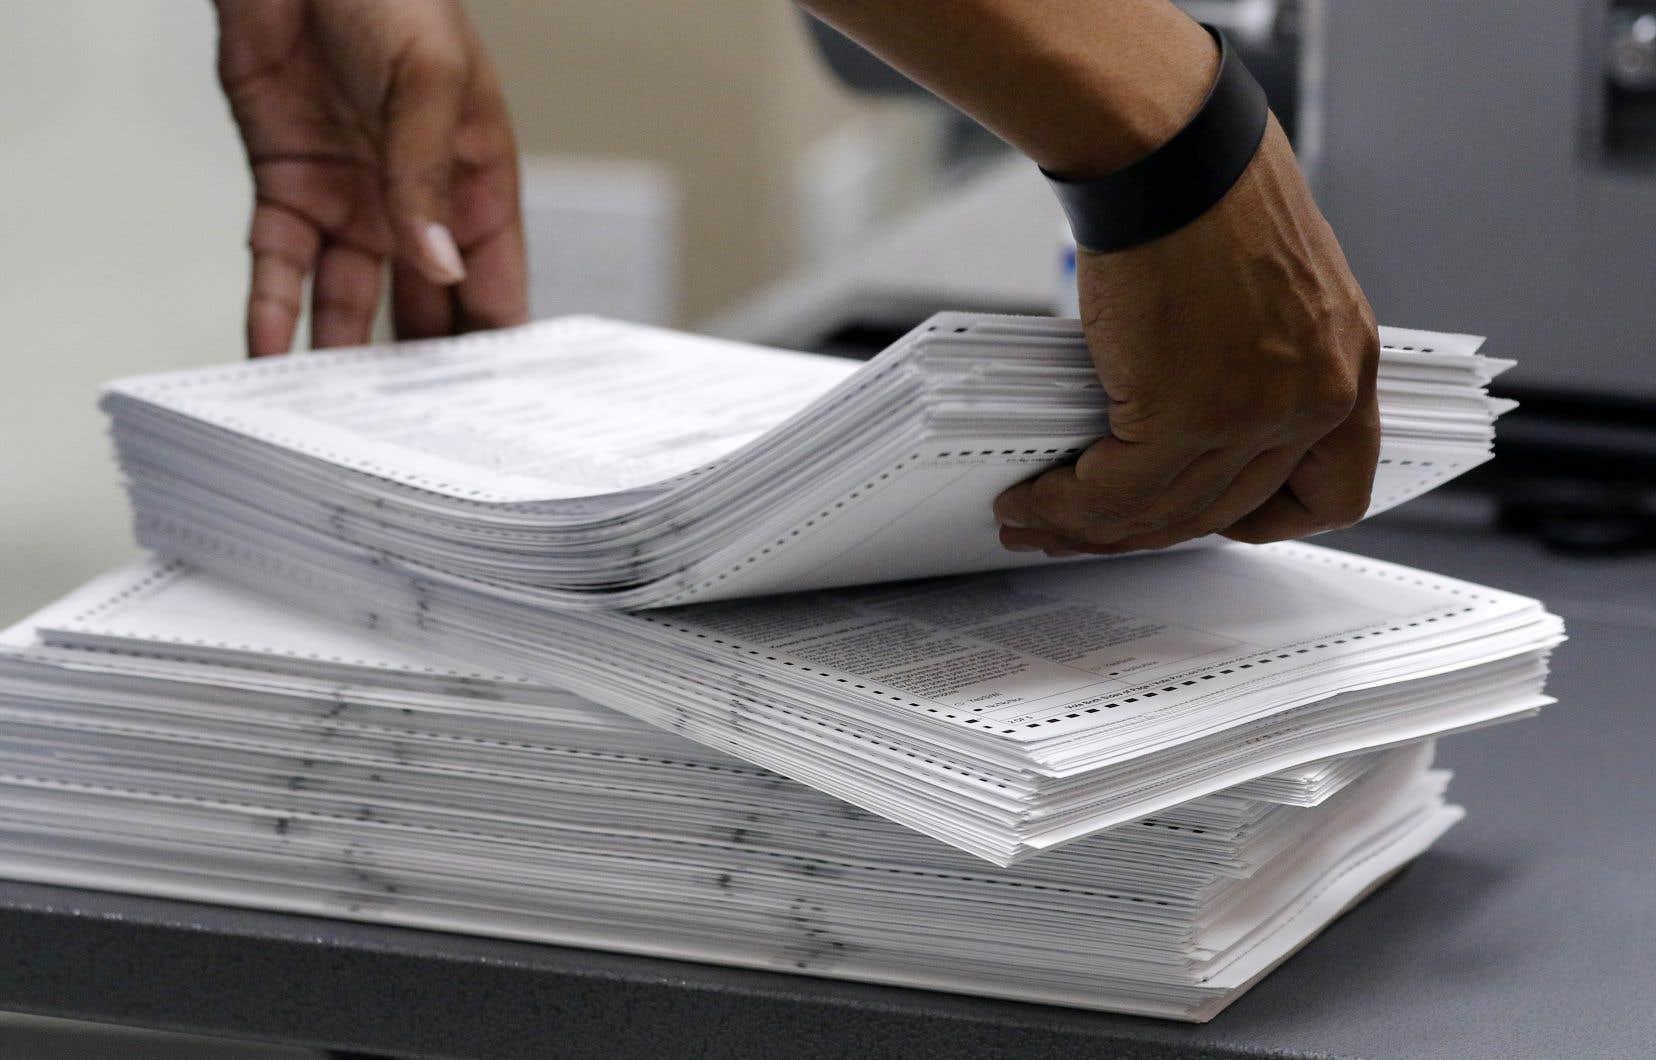 La Floride a ordonné samedi un recomptage des voix dans le cadre de l'élection du gouverneur de l'État et d'un sénateur.